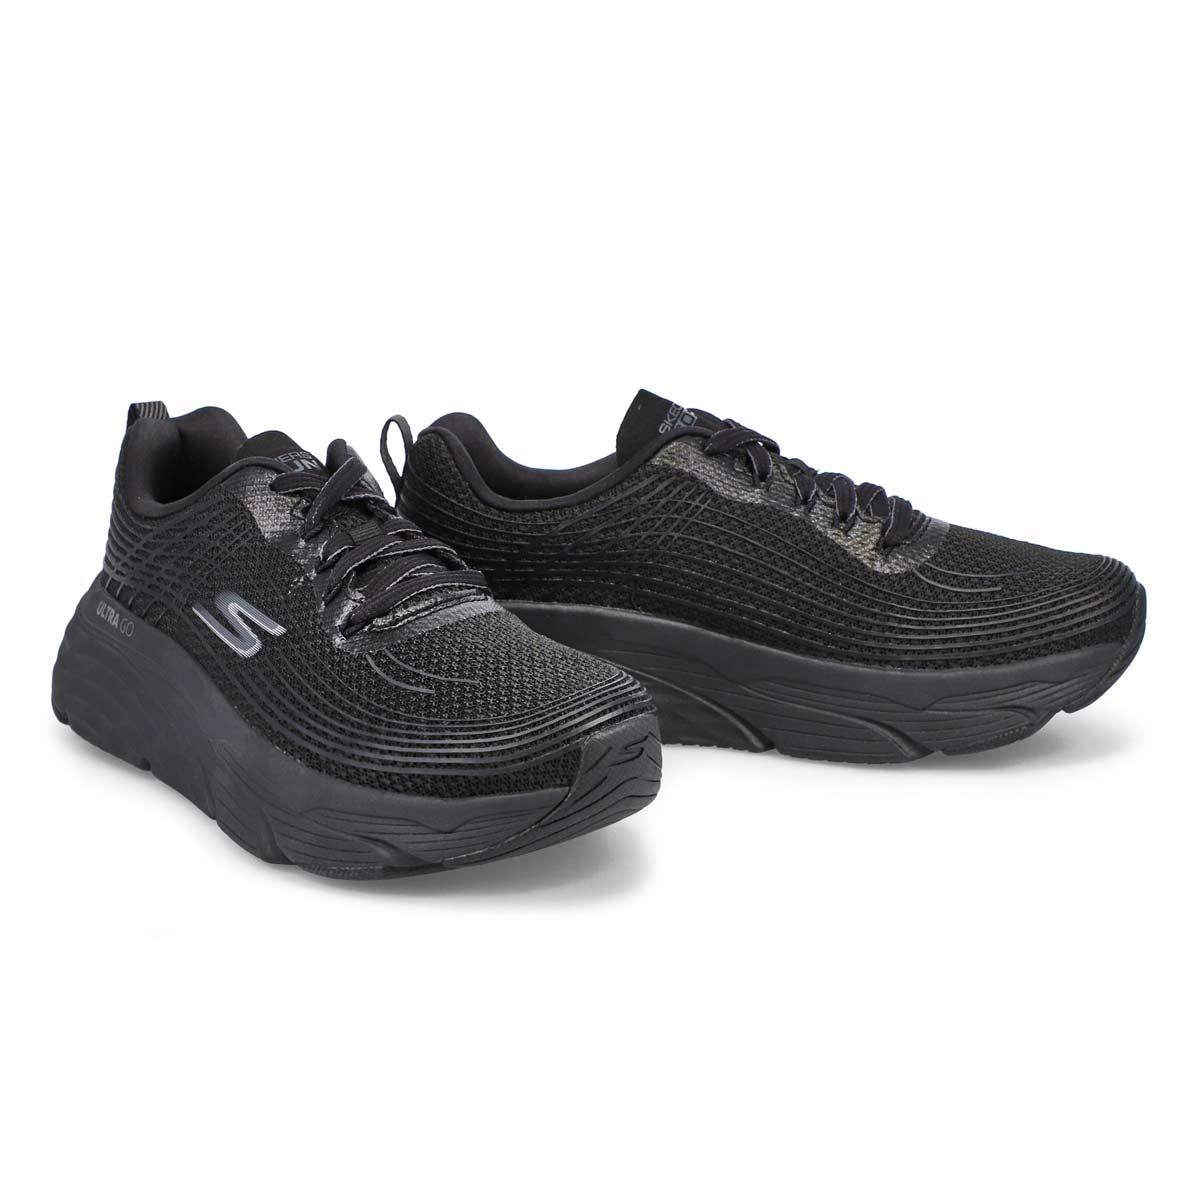 Chaussure de course Max Cushion Elite, noir, femme